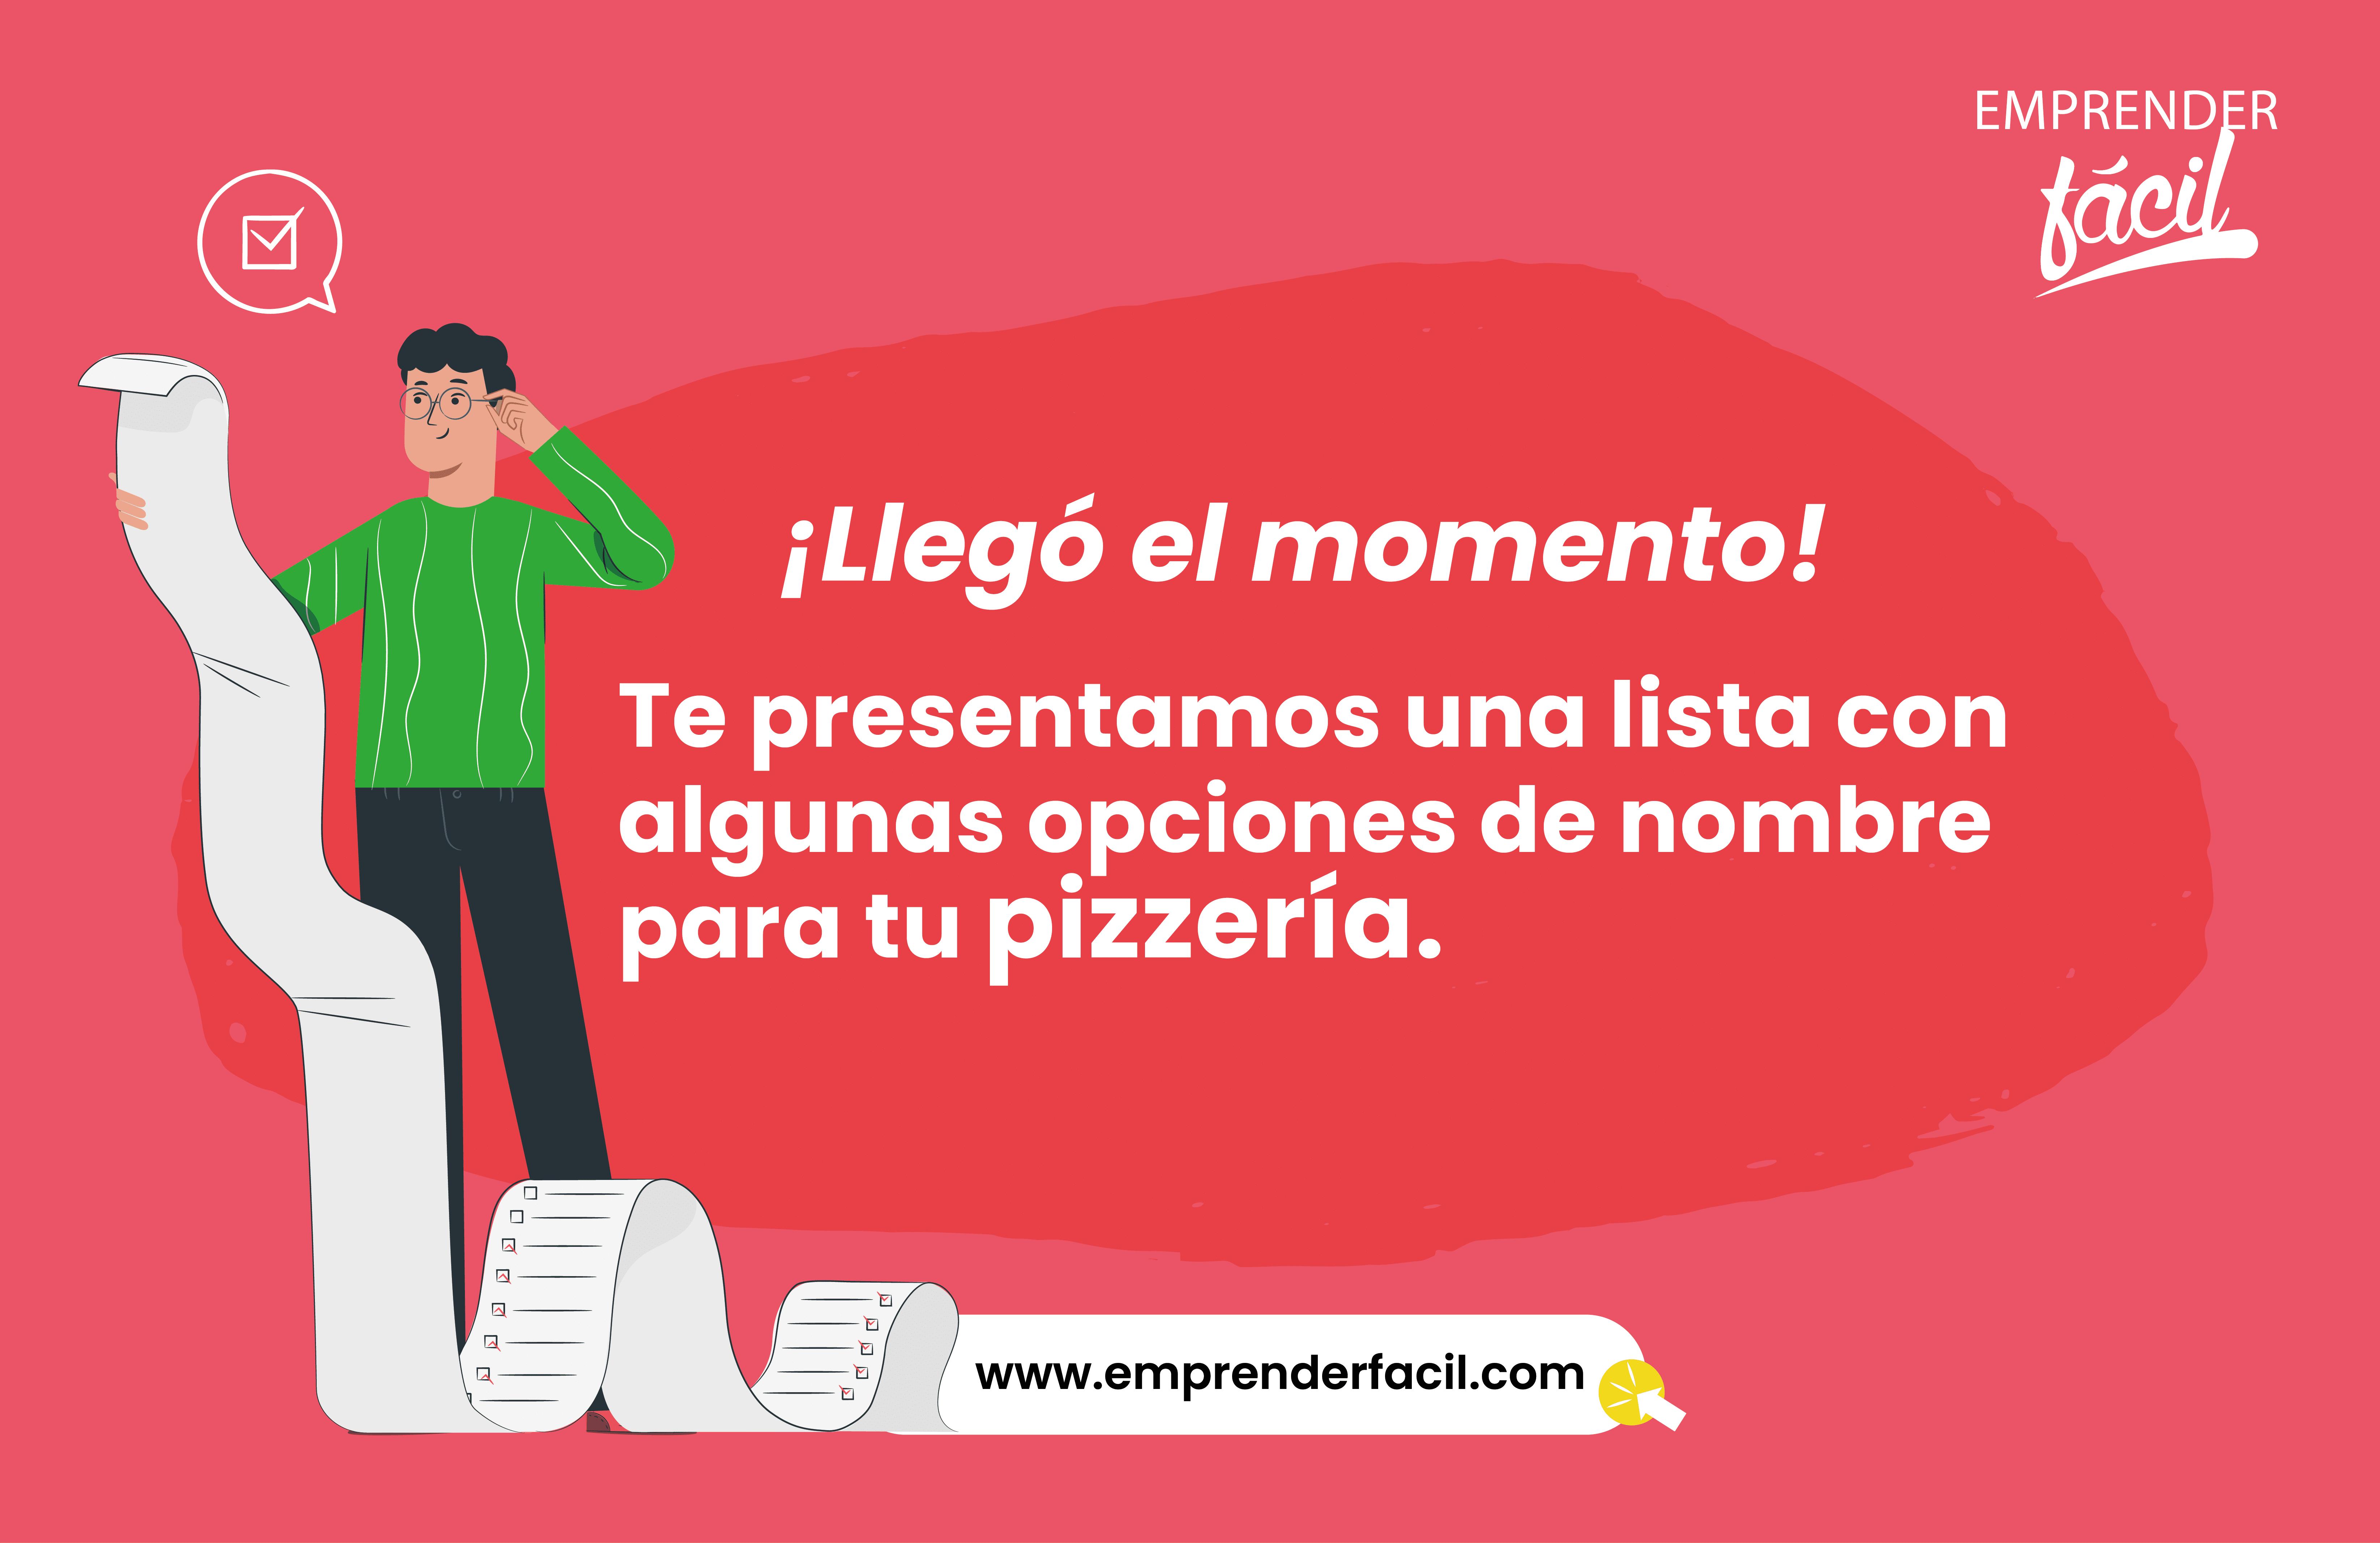 Nombres para Pizzerías ¡Elige uno exquisito y sugestivo!